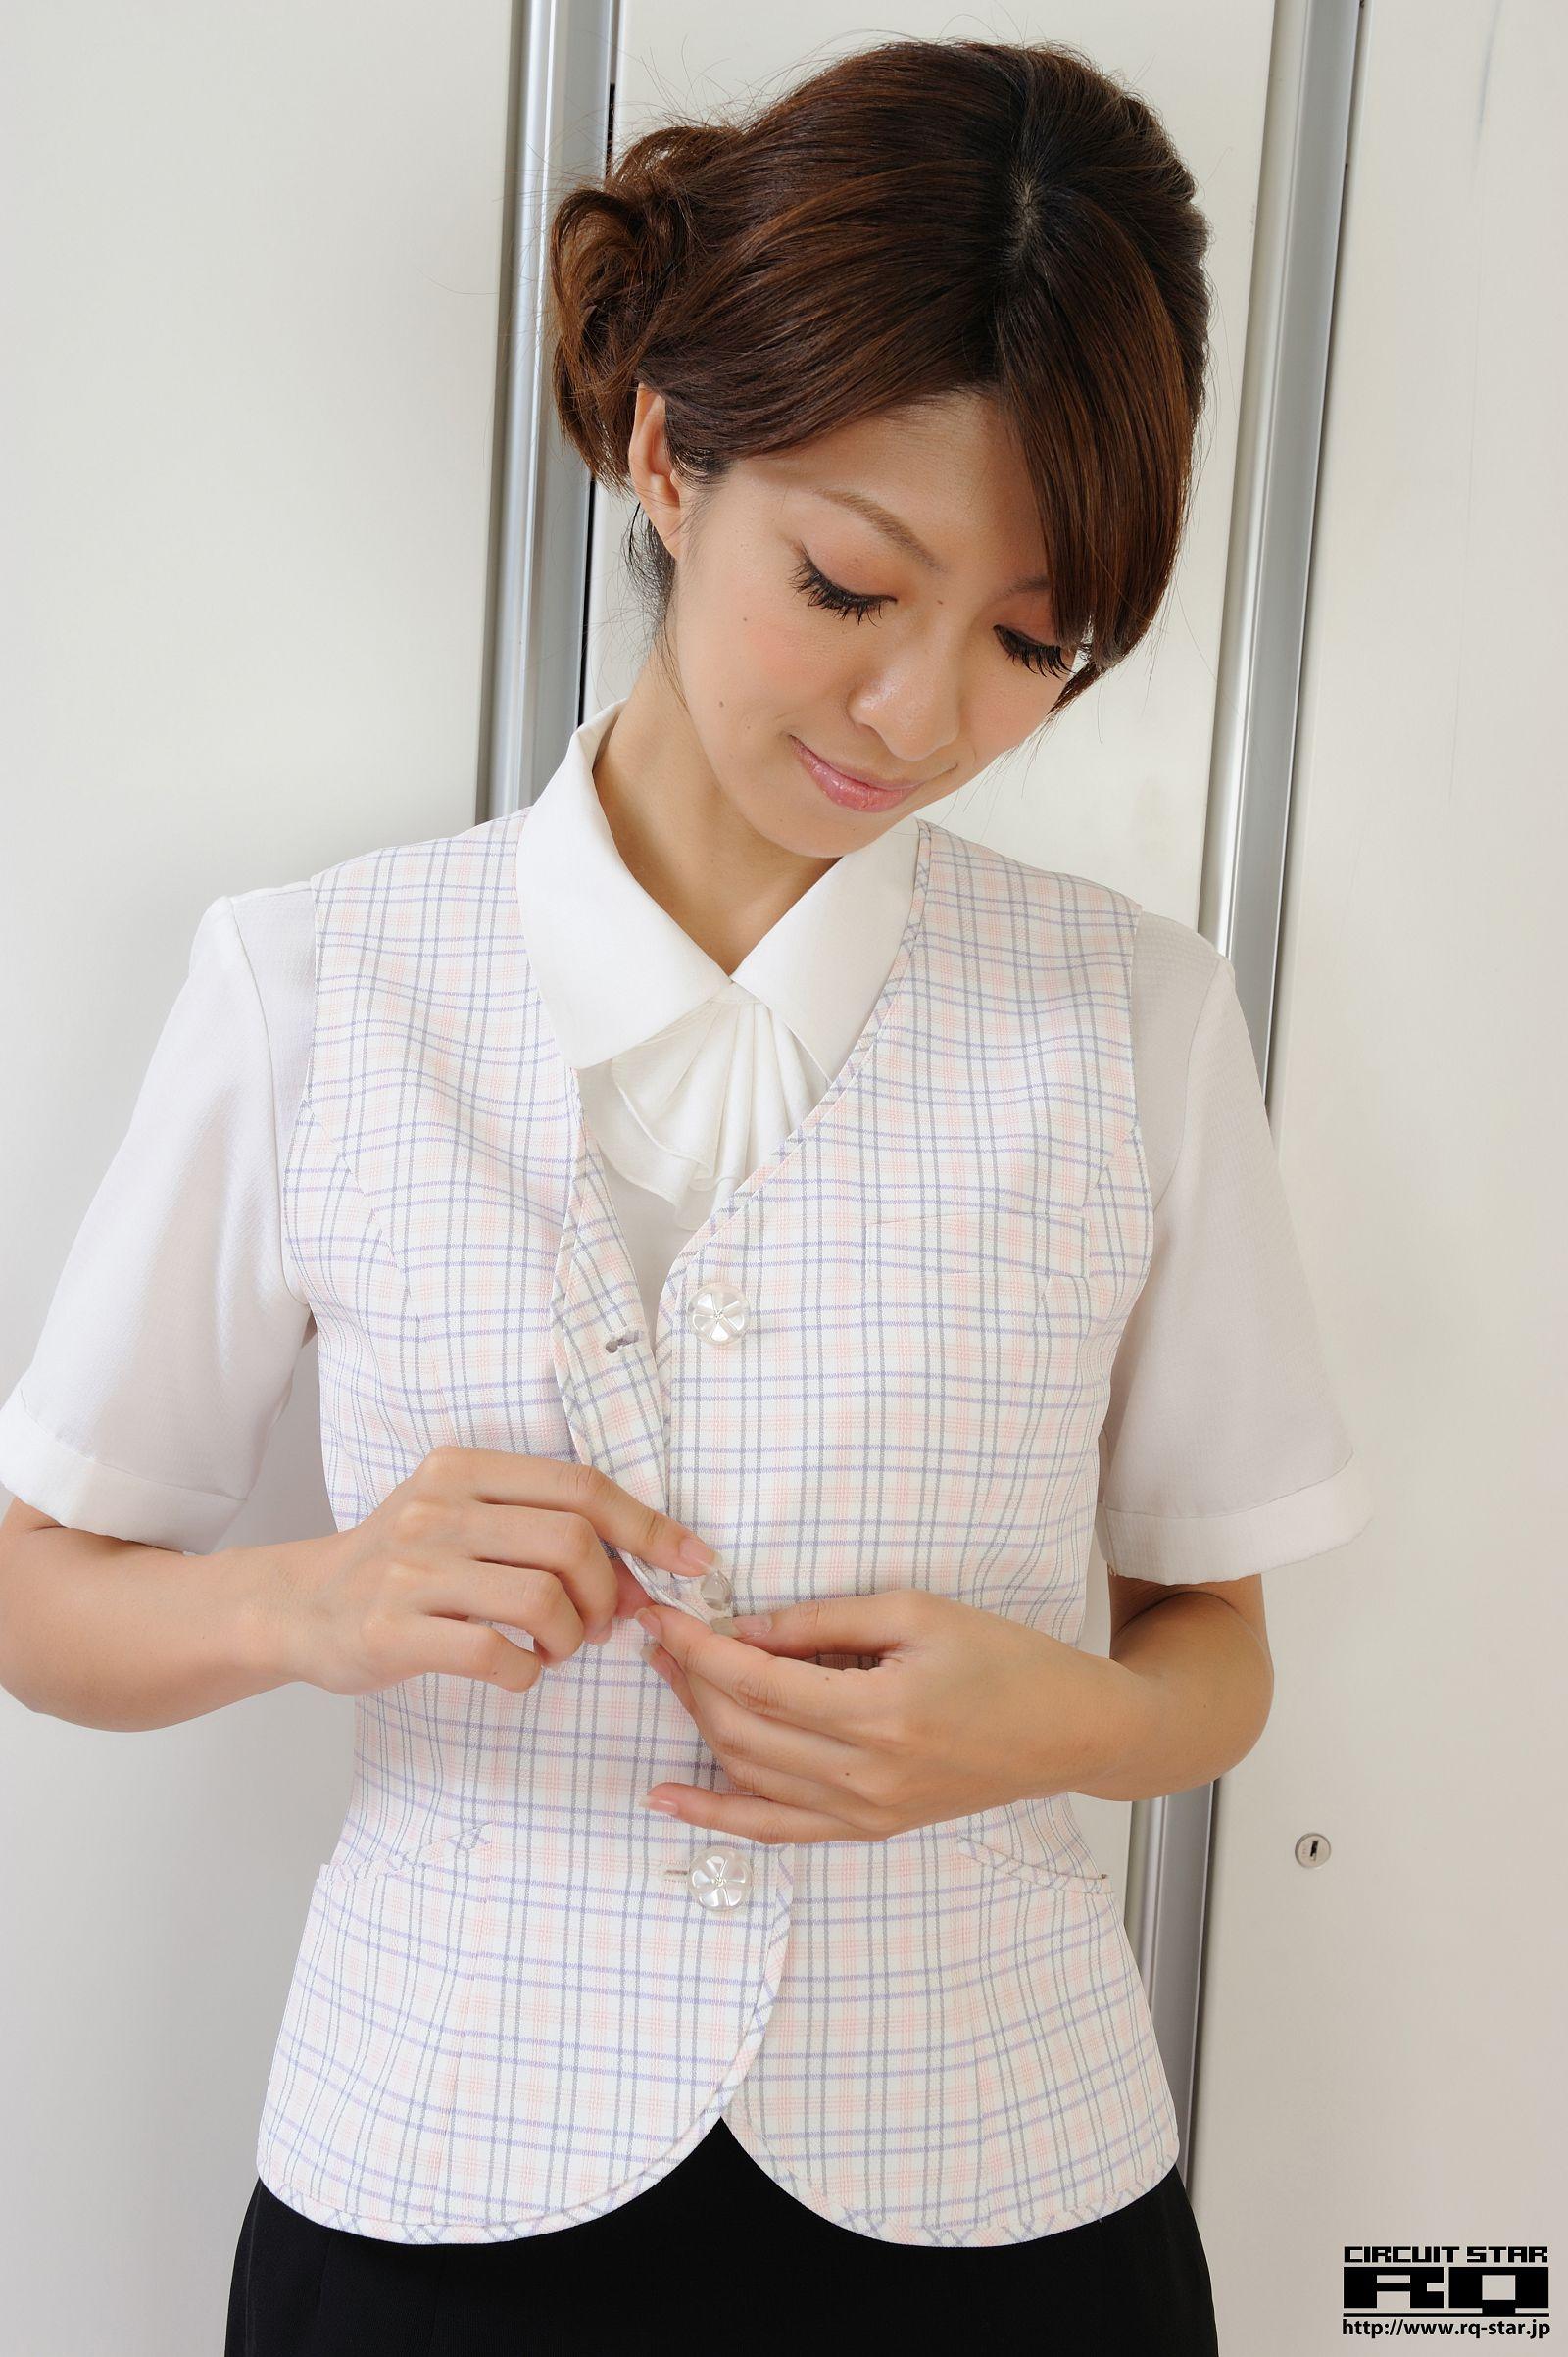 [RQ STAR美女] NO.00551 Ako Kurosaki 椁ⅳ[111P] RQ STAR 第3张